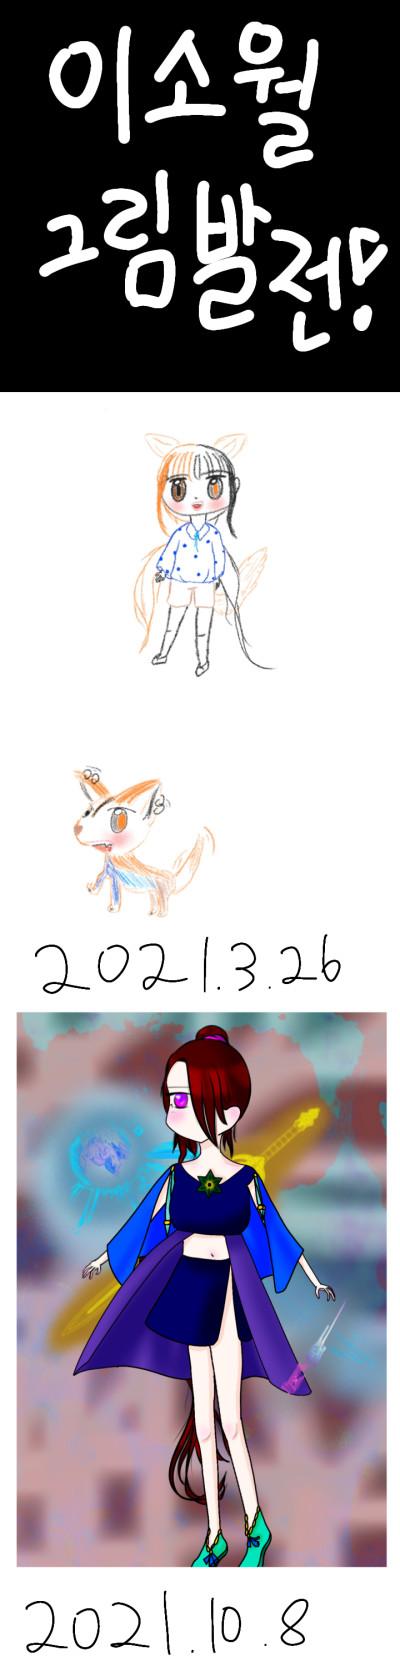 그림발전 | Princess_sowol | Digital Drawing | PENUP